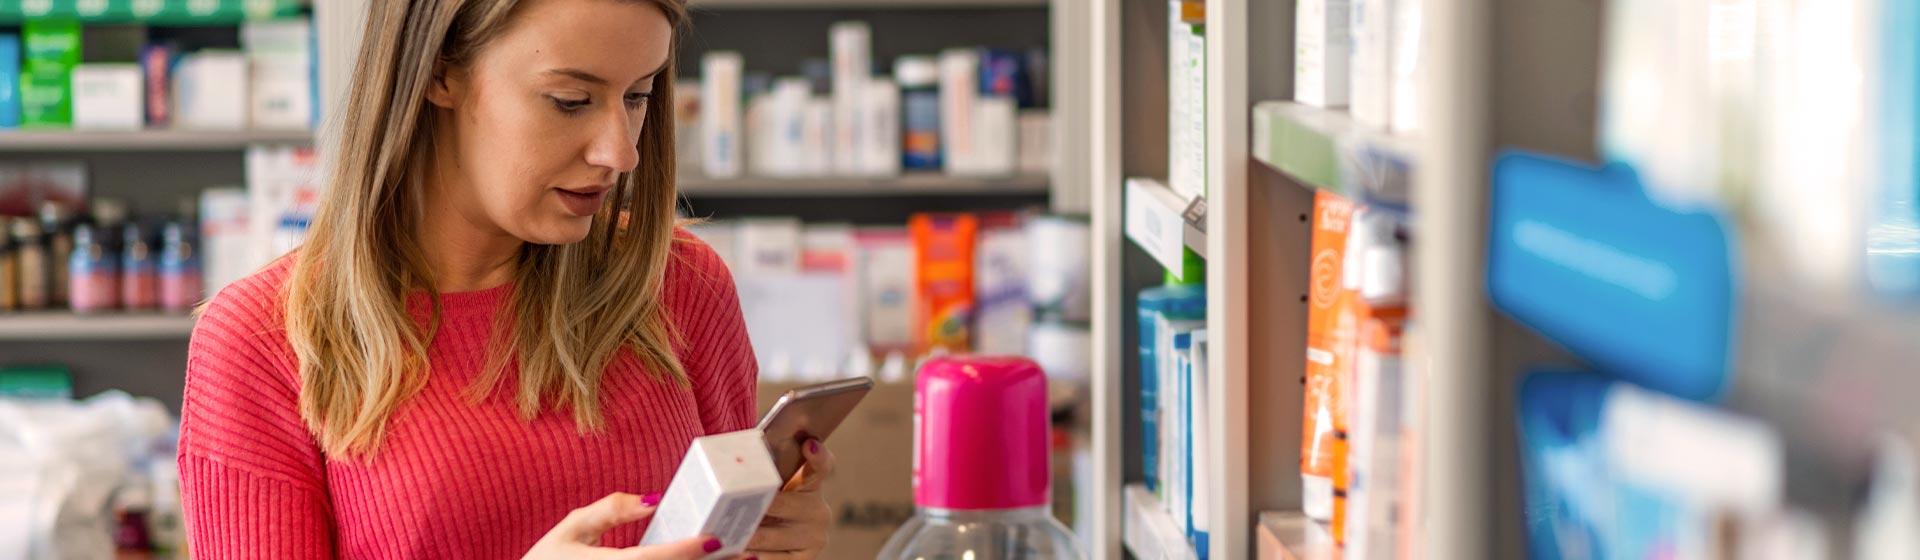 Nieuwe behandeling longkanker voorwaardelijk in basispakket